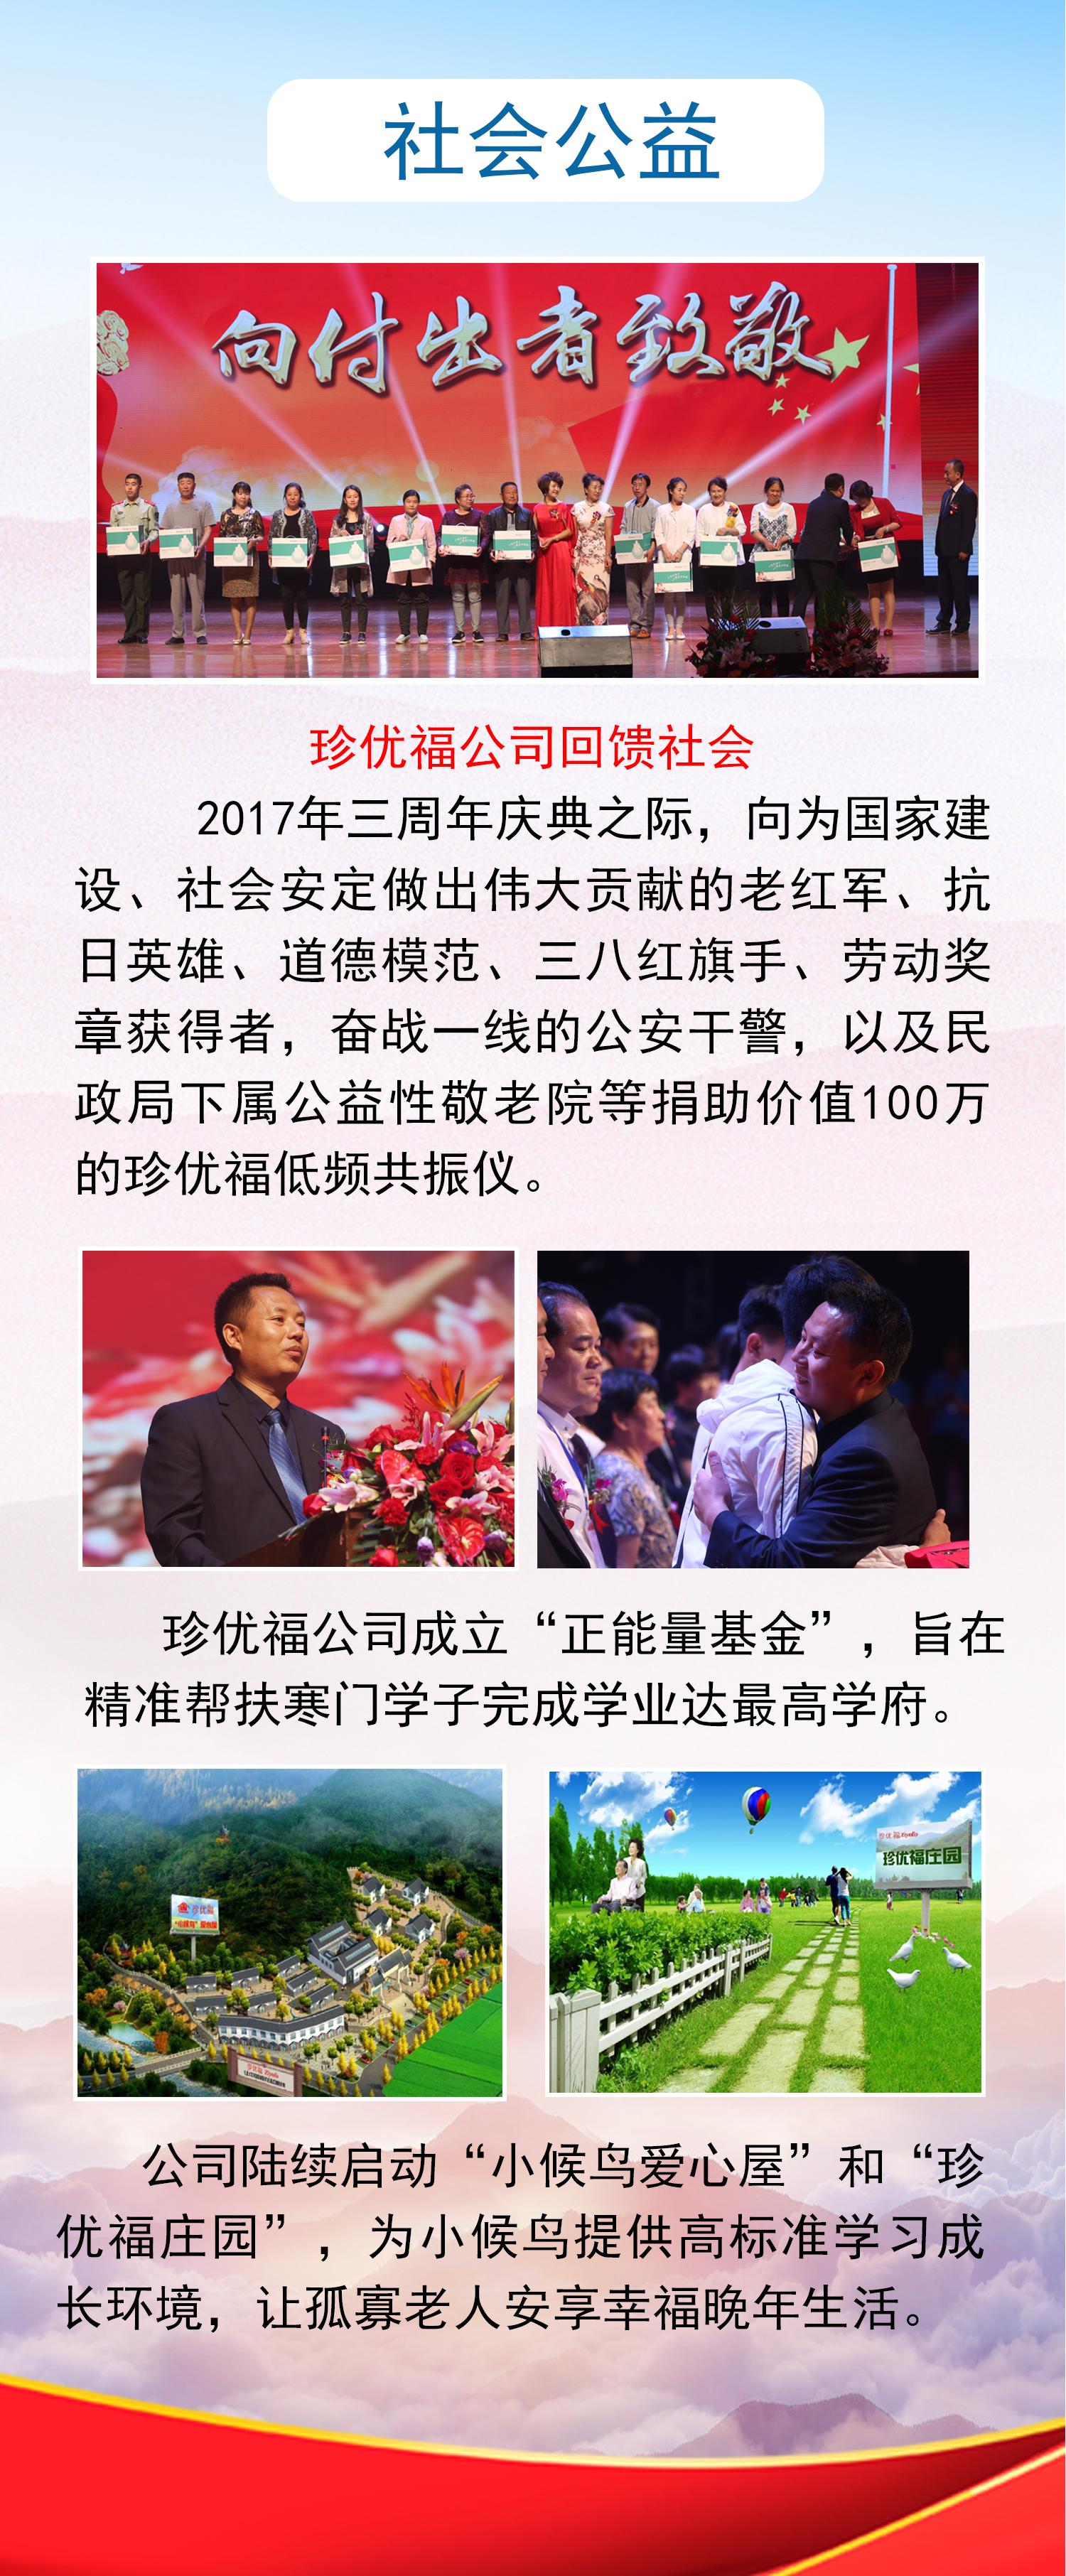 http://image.zhenyoufu.com.cn/shop/article/06711082976155627.png